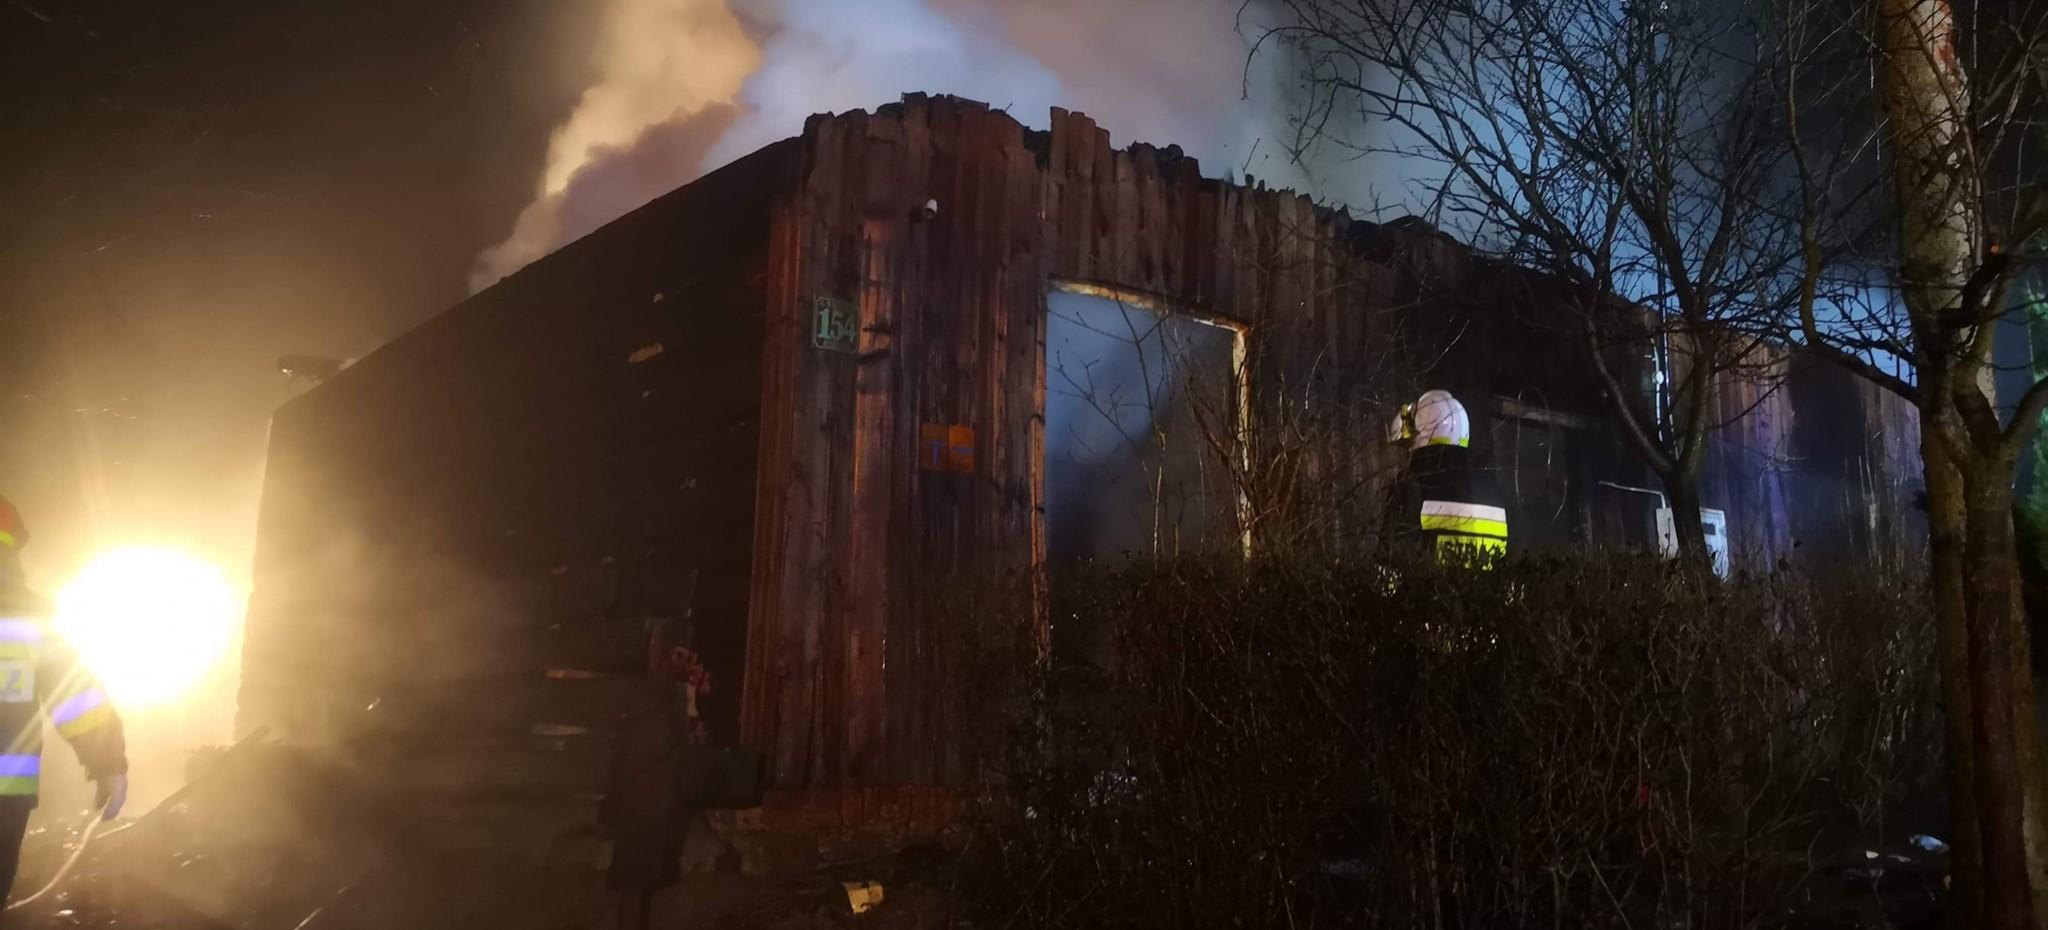 ALBIGOWA. Tragiczny pożar! Nie żyje 65-latek (FOTO, WIDEO)